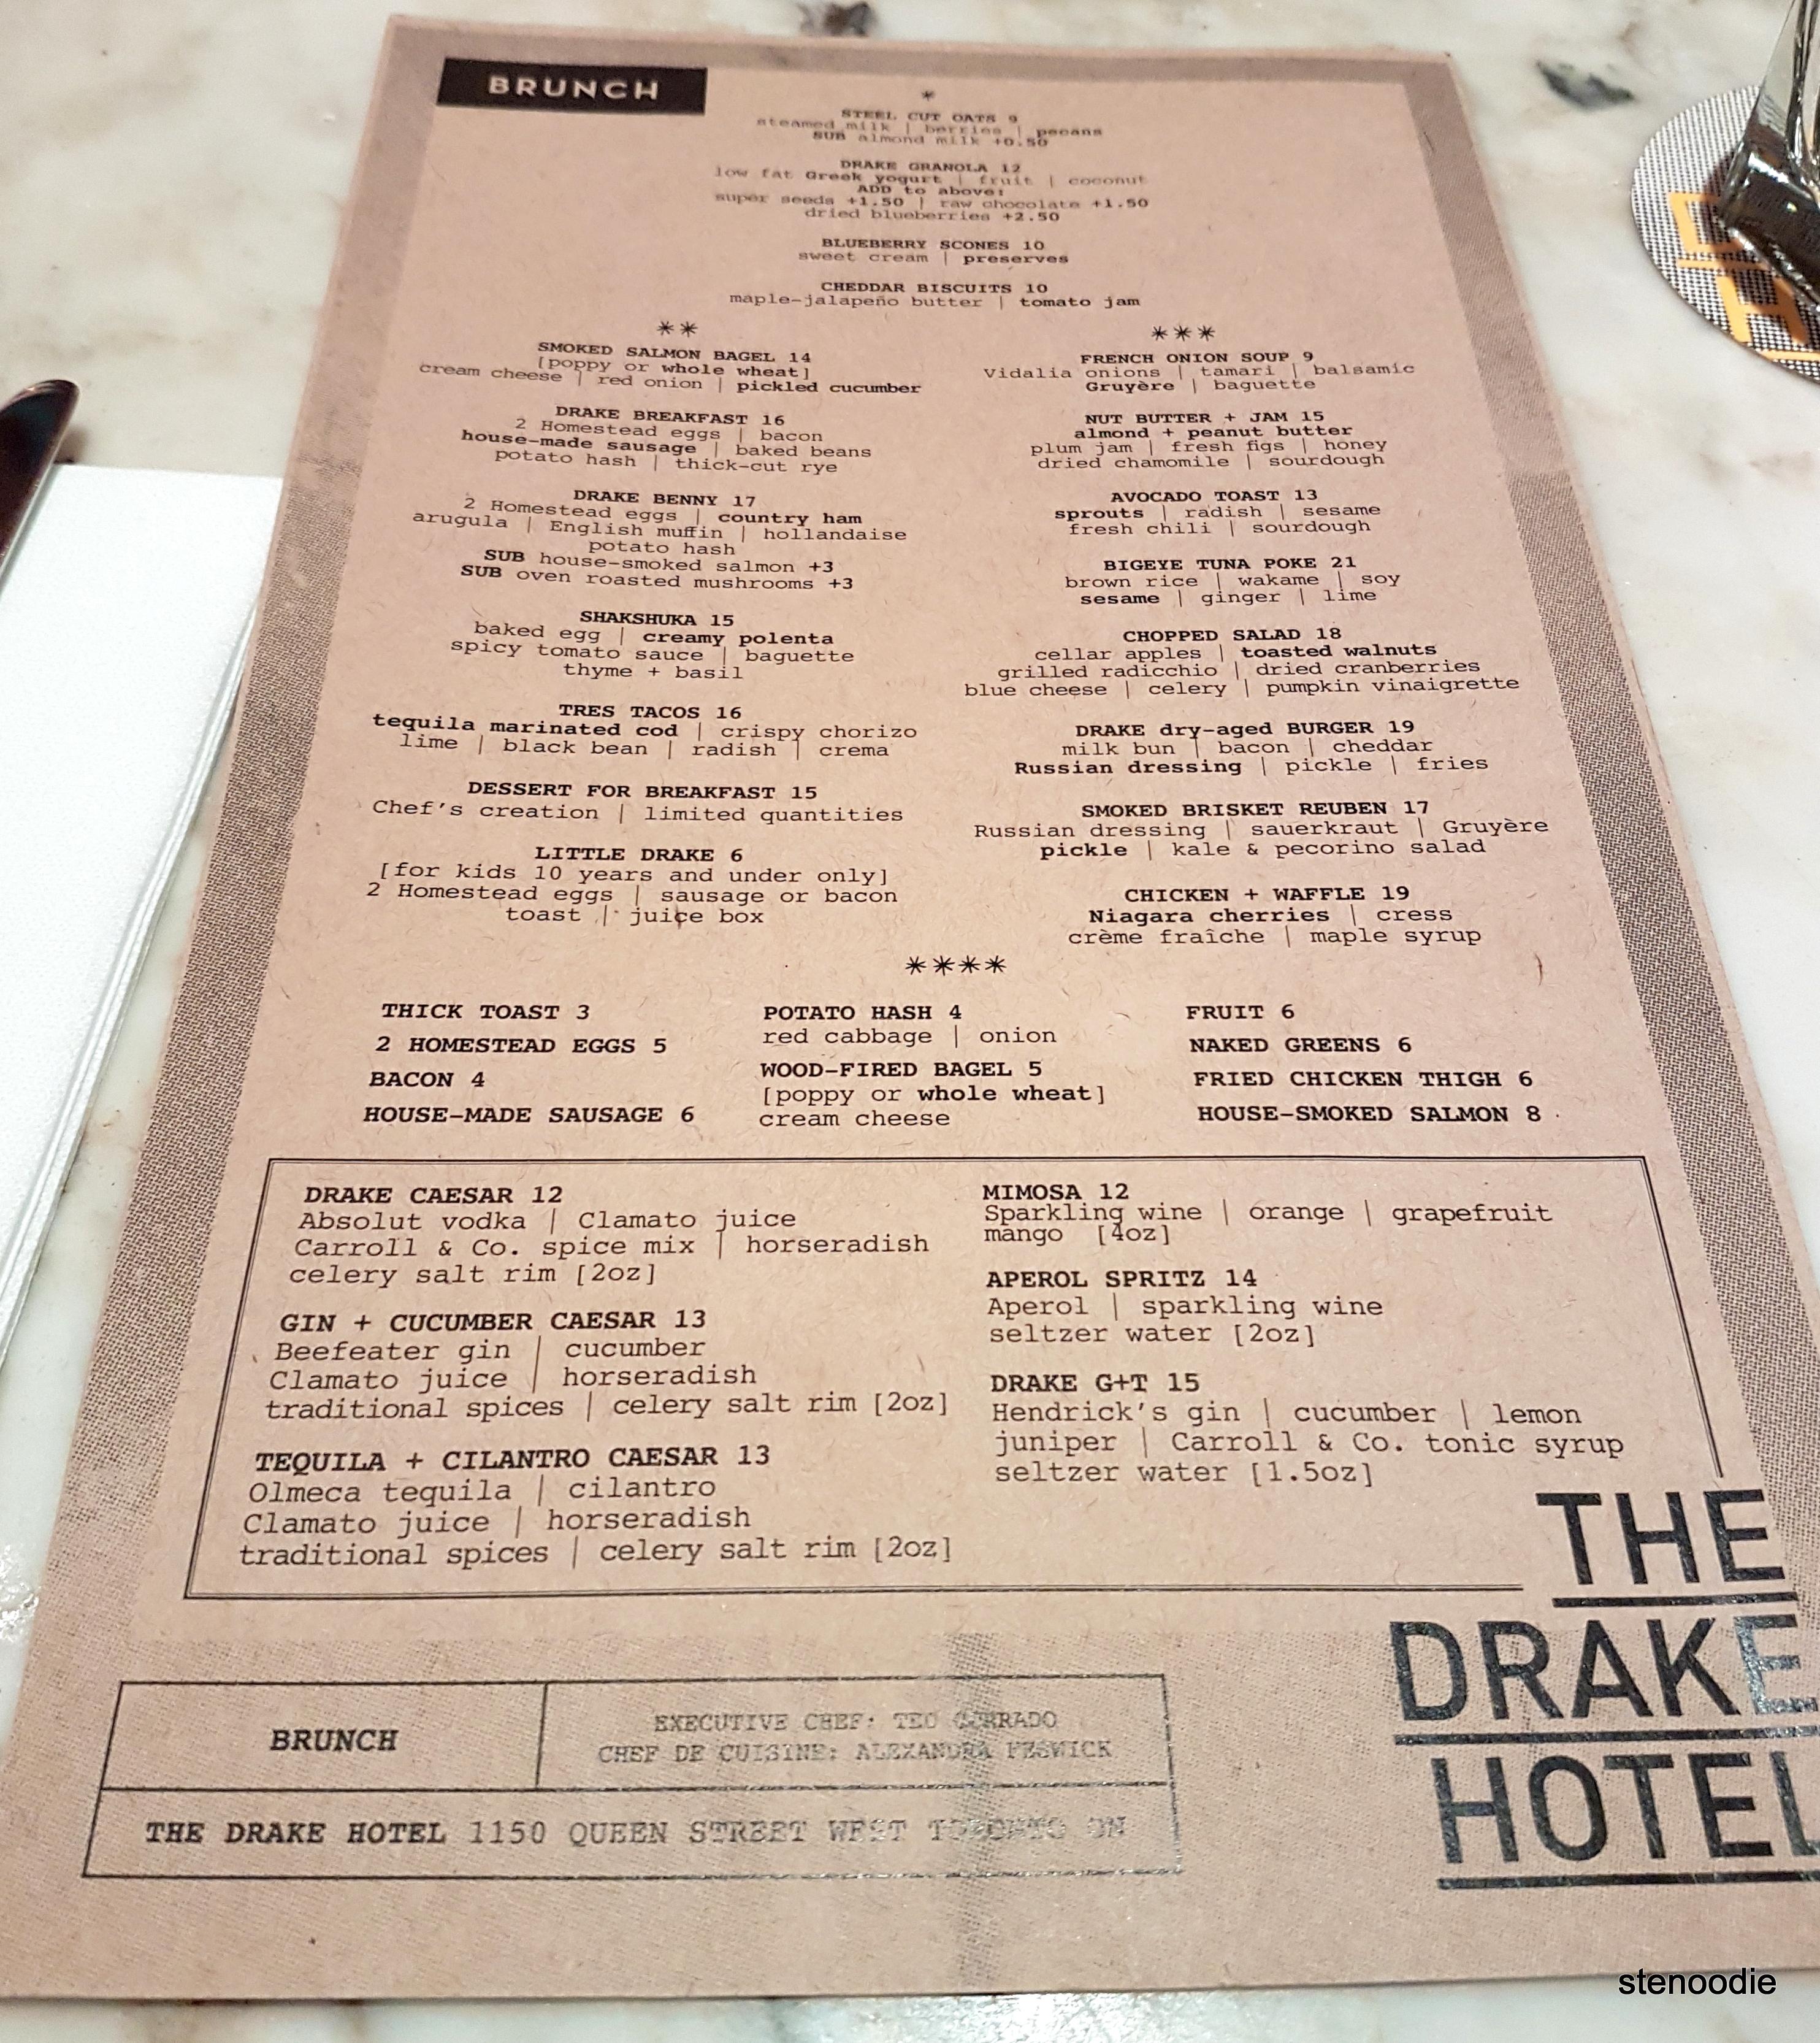 The Drake Hotel weekend brunch menu